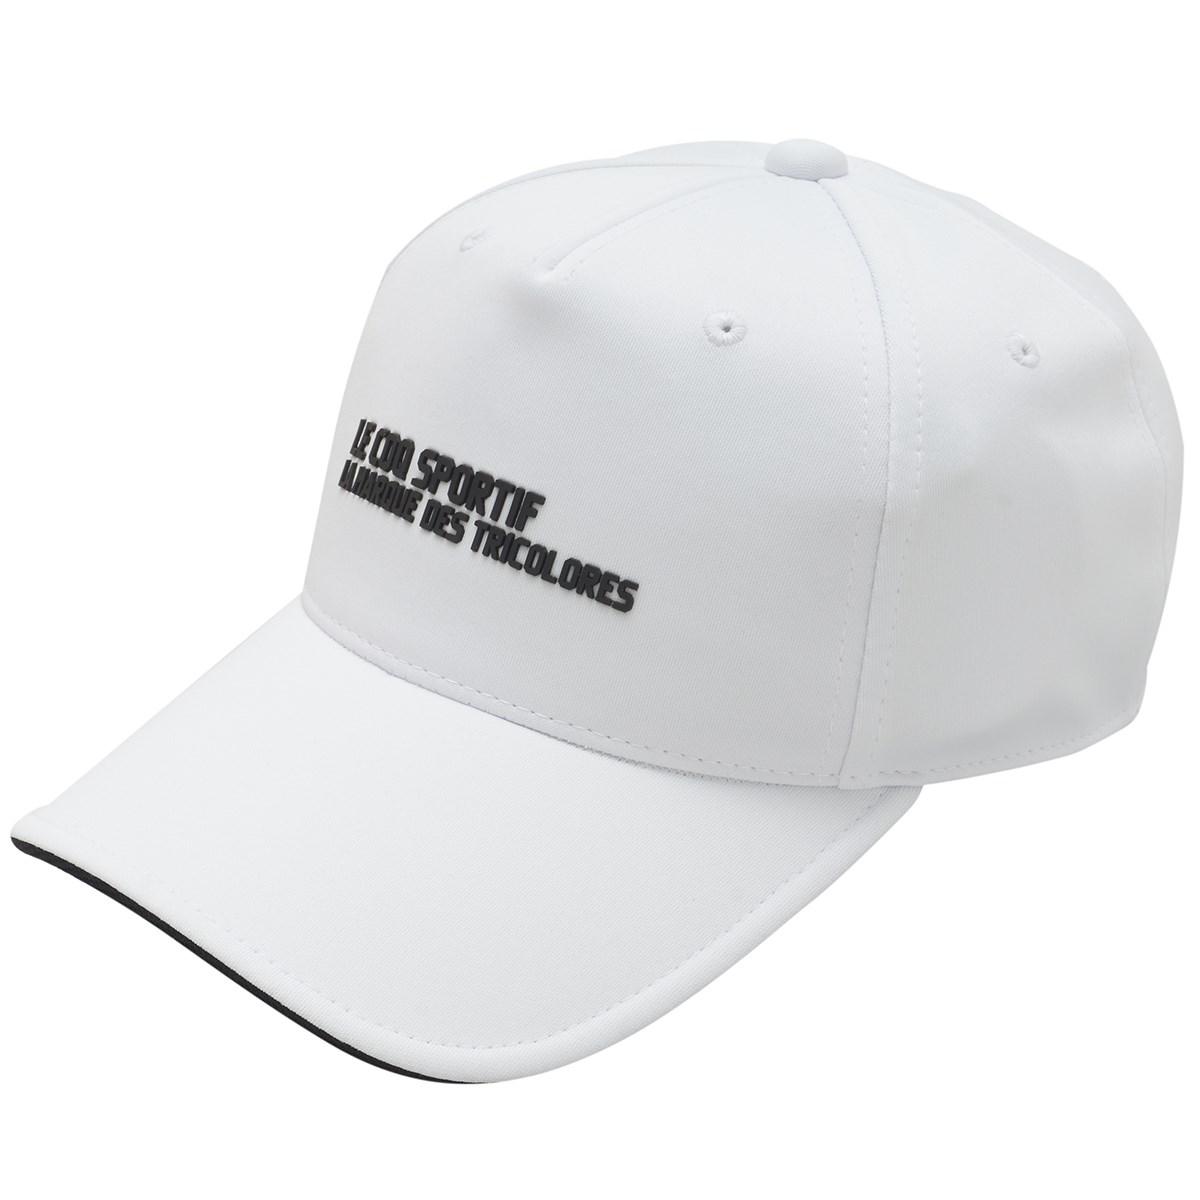 ルコックゴルフ Le coq sportif GOLF ネオンキャップ フリー ホワイト 00 レディス